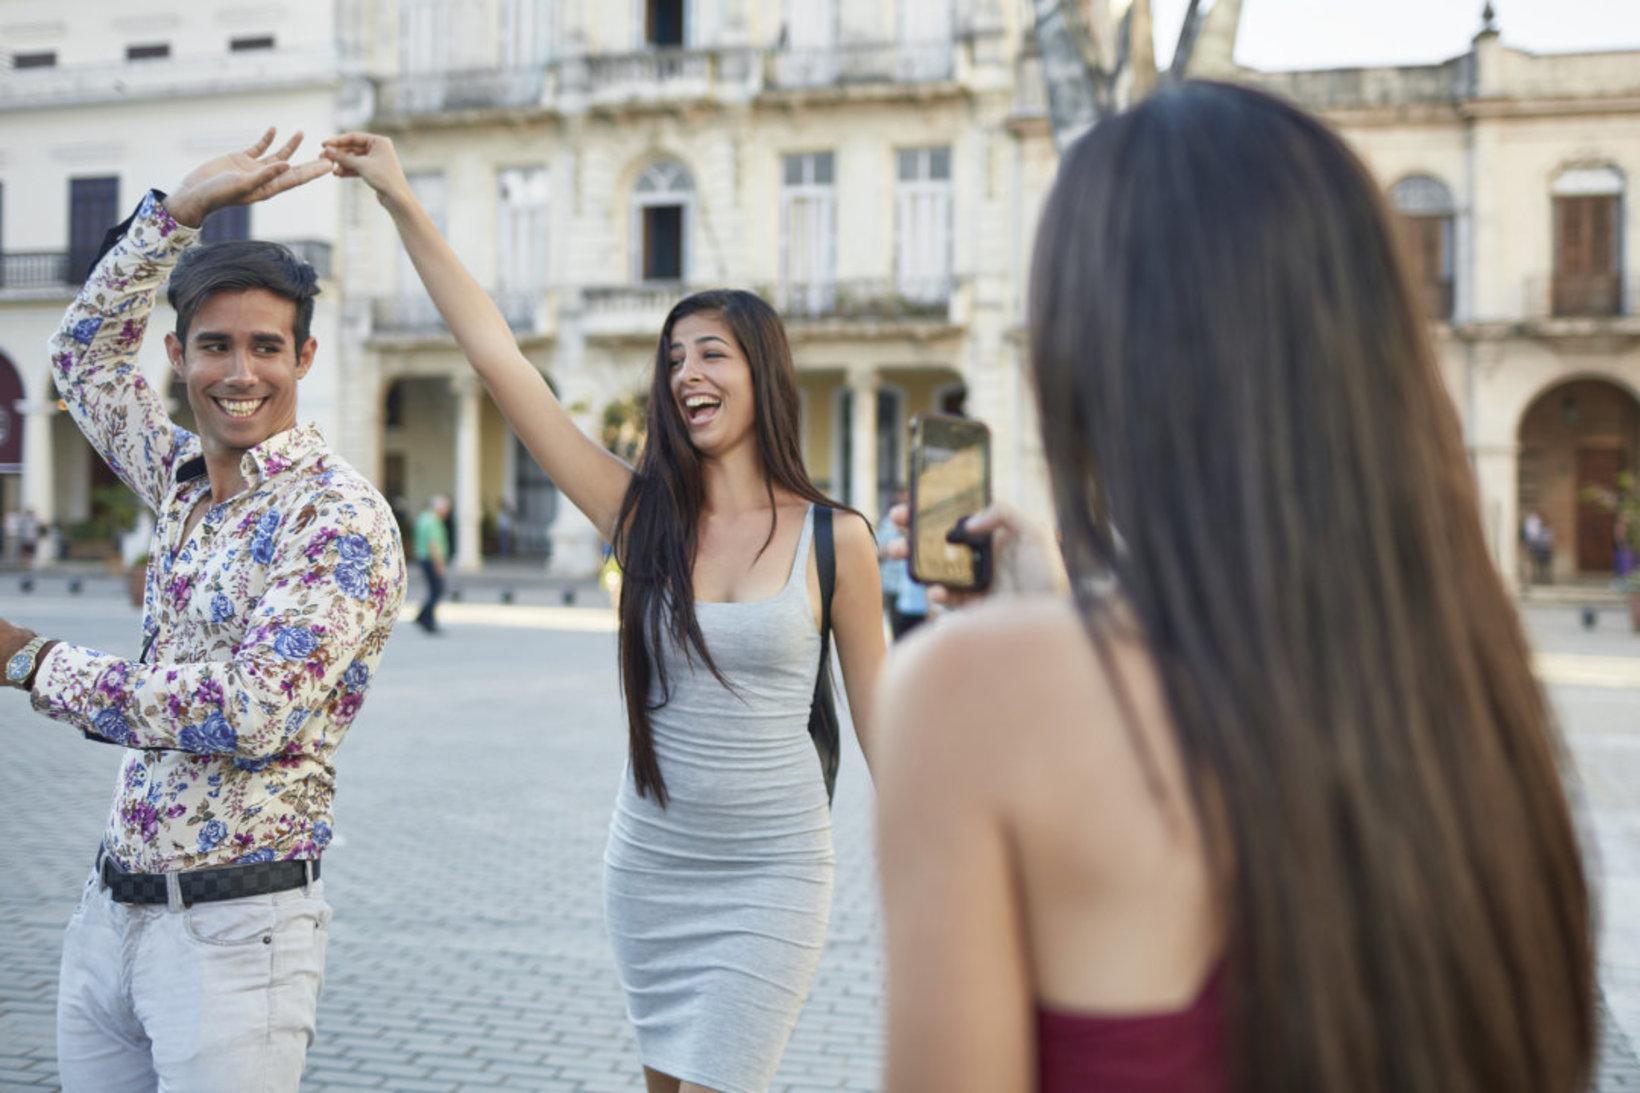 Vous n'avez jamais pris de cours de danse ou vous venez de commencer la salsa ?